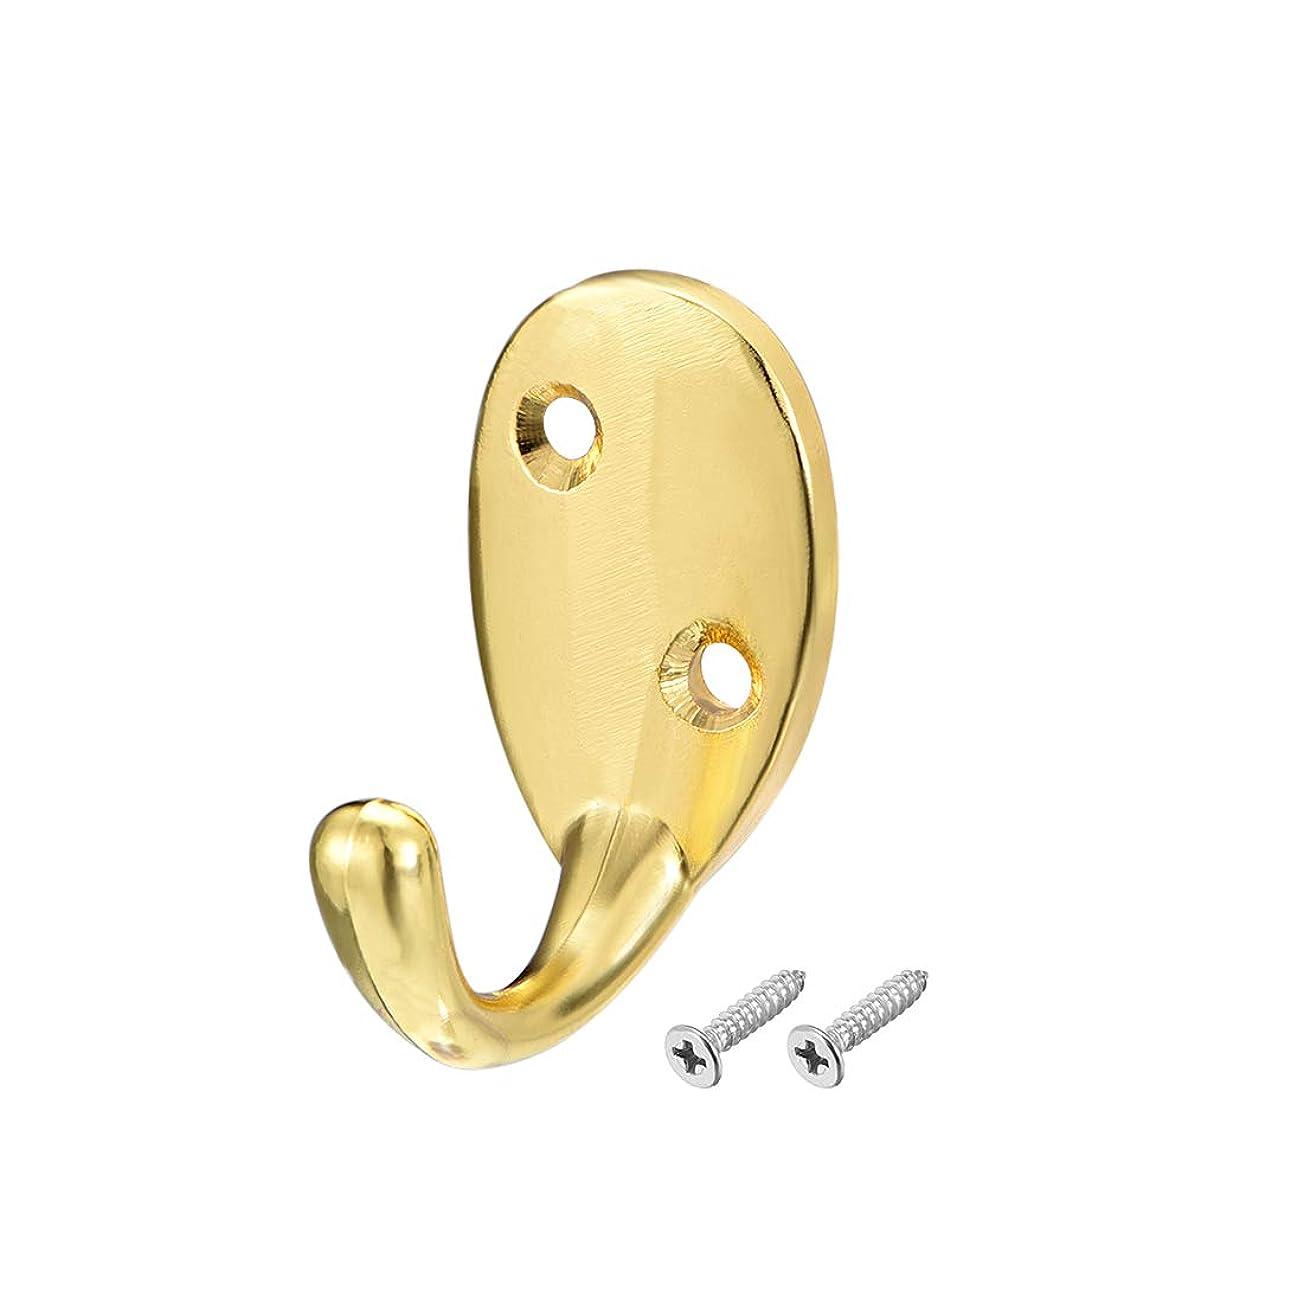 遠近法独立した気候uxcell 壁マウントフック ローブフック 服ハンガー ジンク合金製 ゴールドトーン ネジ入 10個入